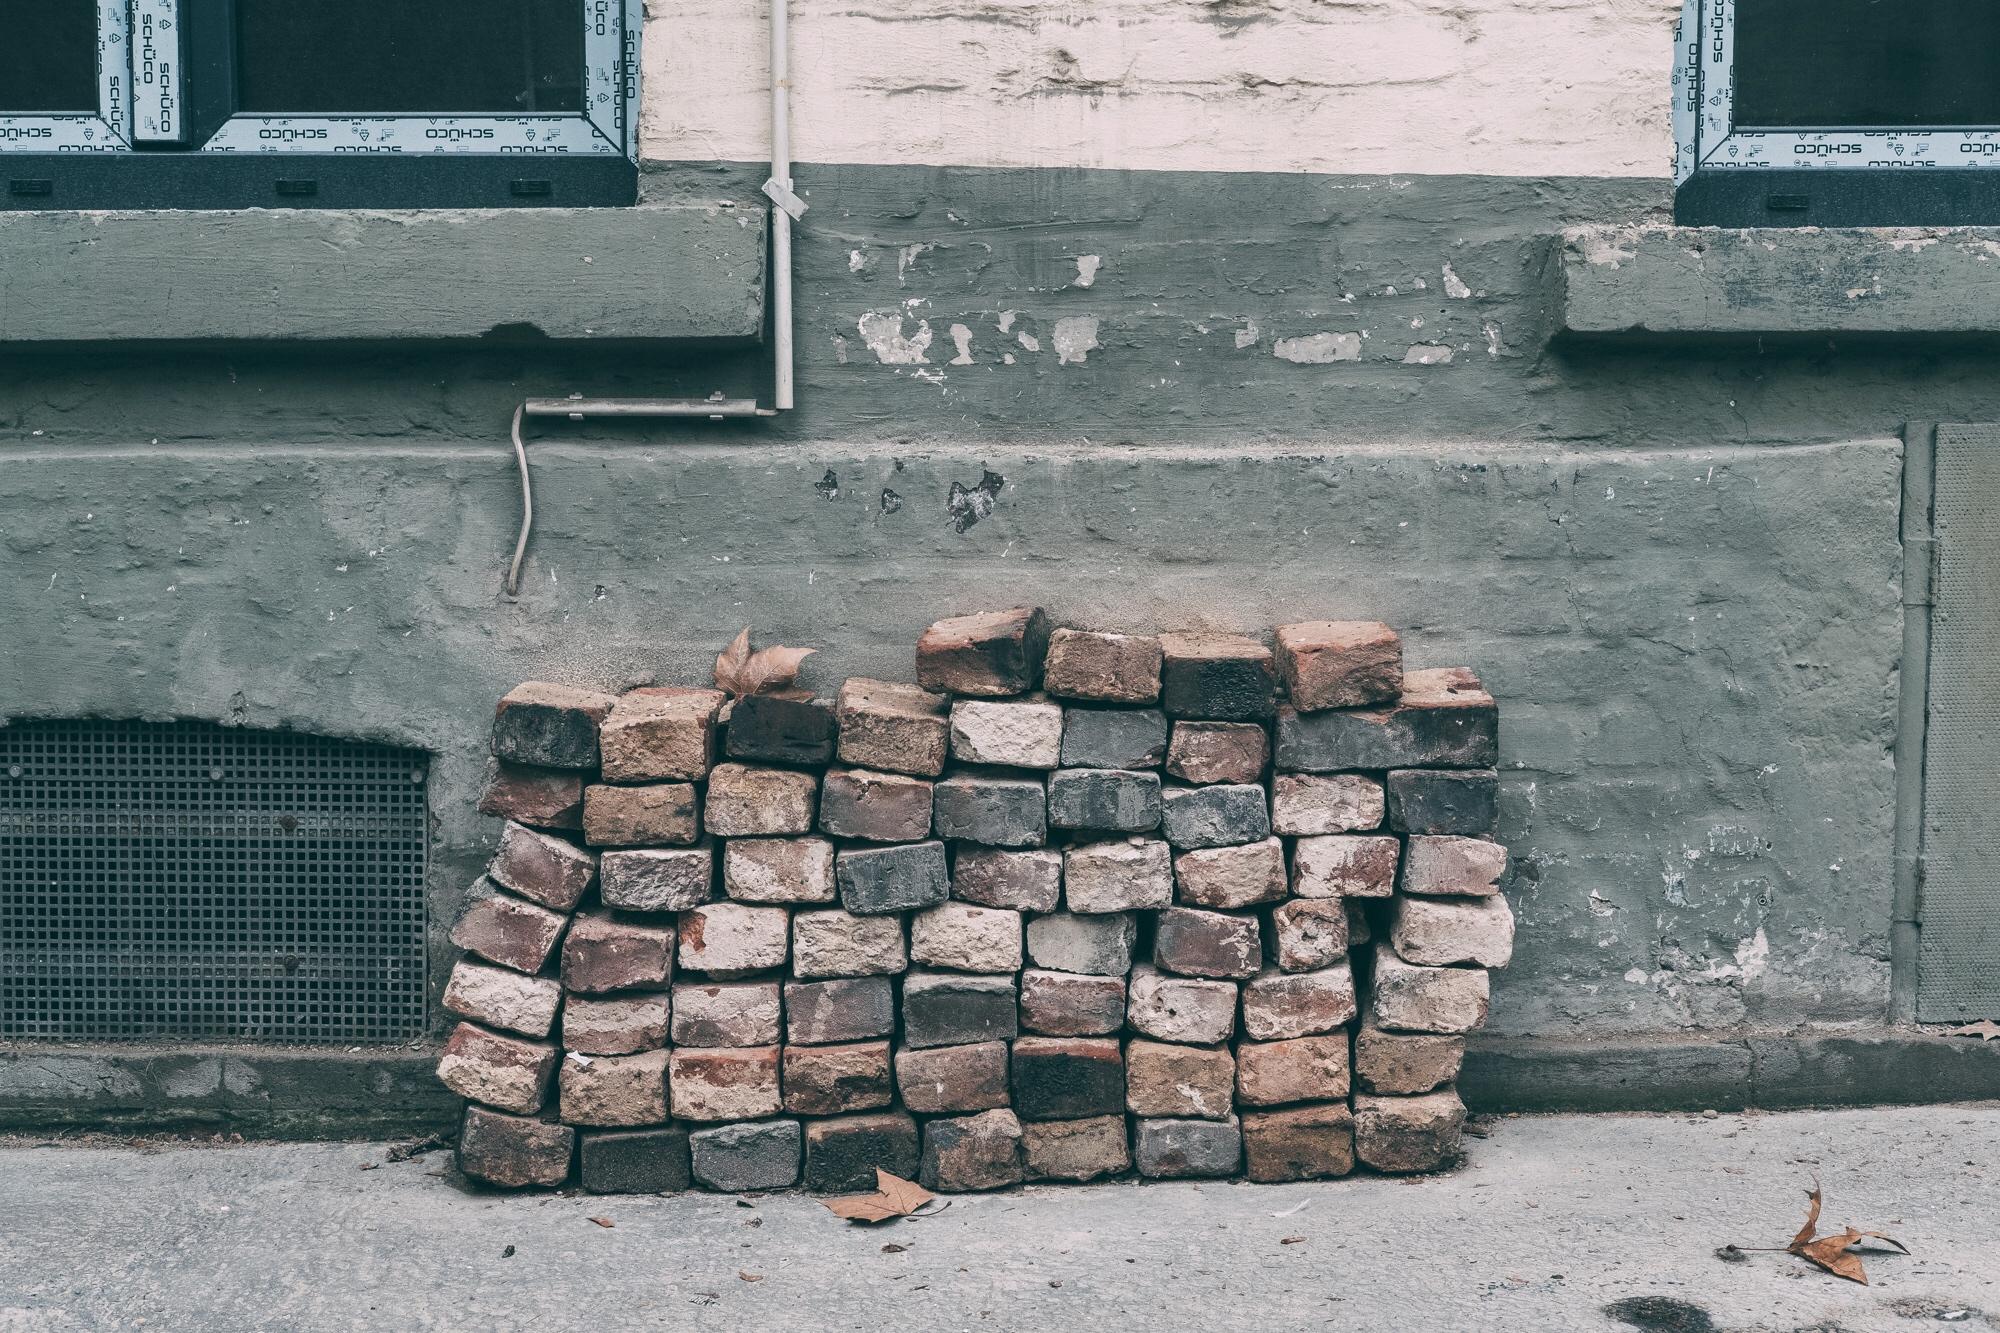 hintergrundbilder steine mauer holz beton k ln hinterhof ziegel steinern mauerwerk. Black Bedroom Furniture Sets. Home Design Ideas